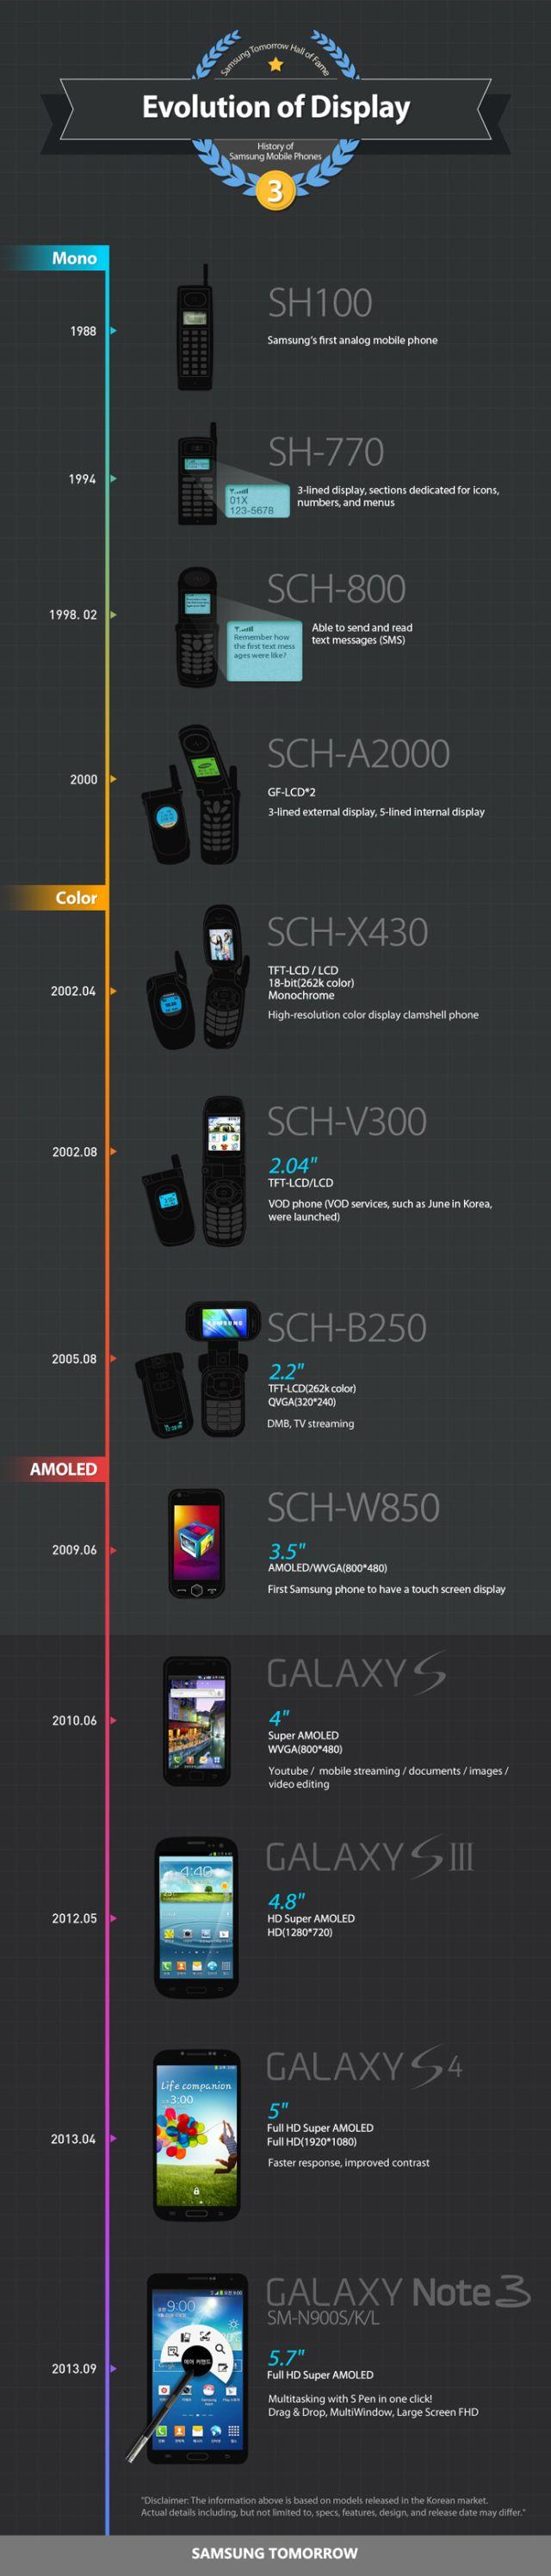 Historia de las pantallas de los móviles de Samsung